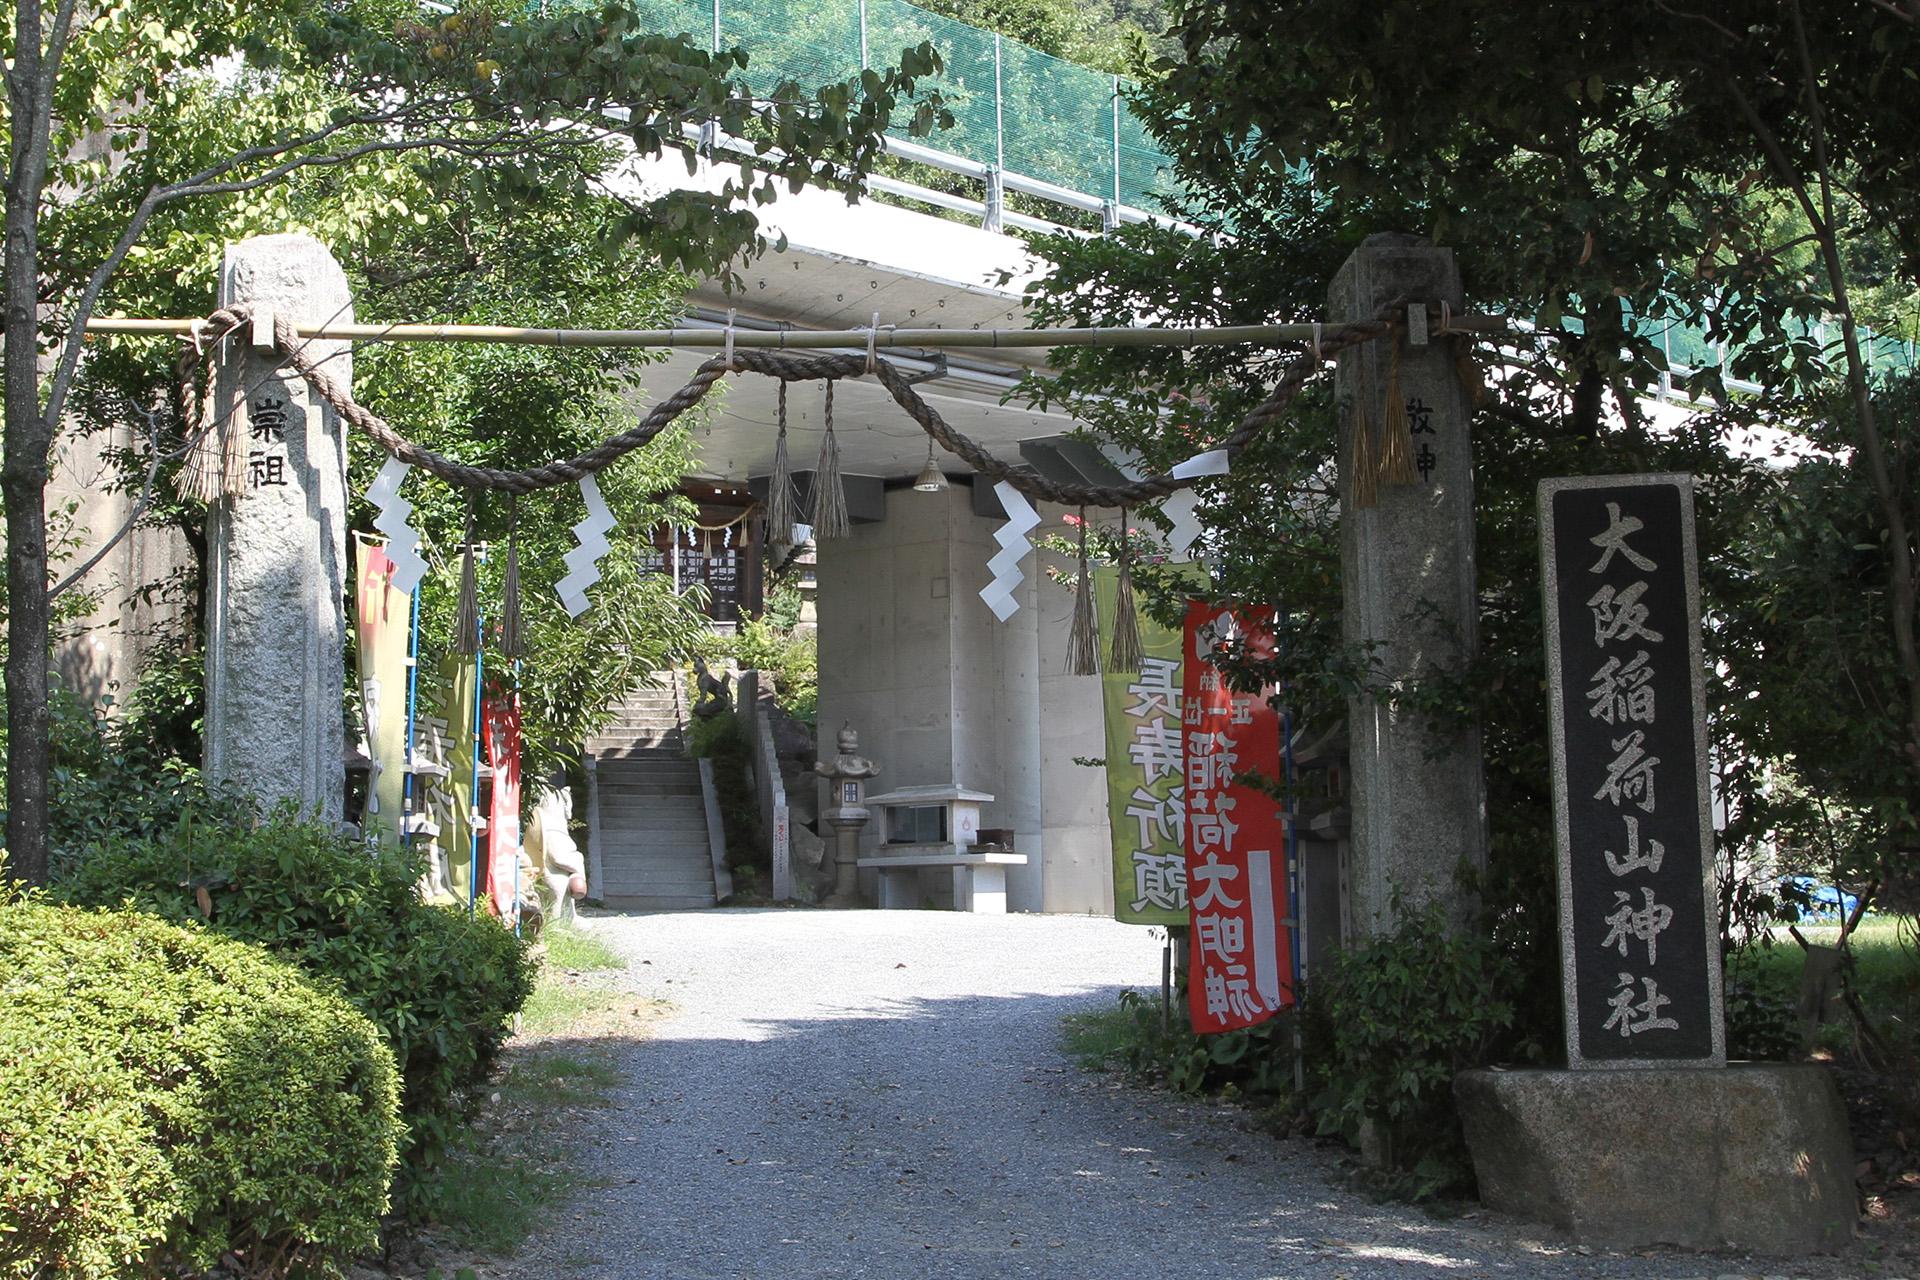 伏見稲荷神社 朱55号発刊